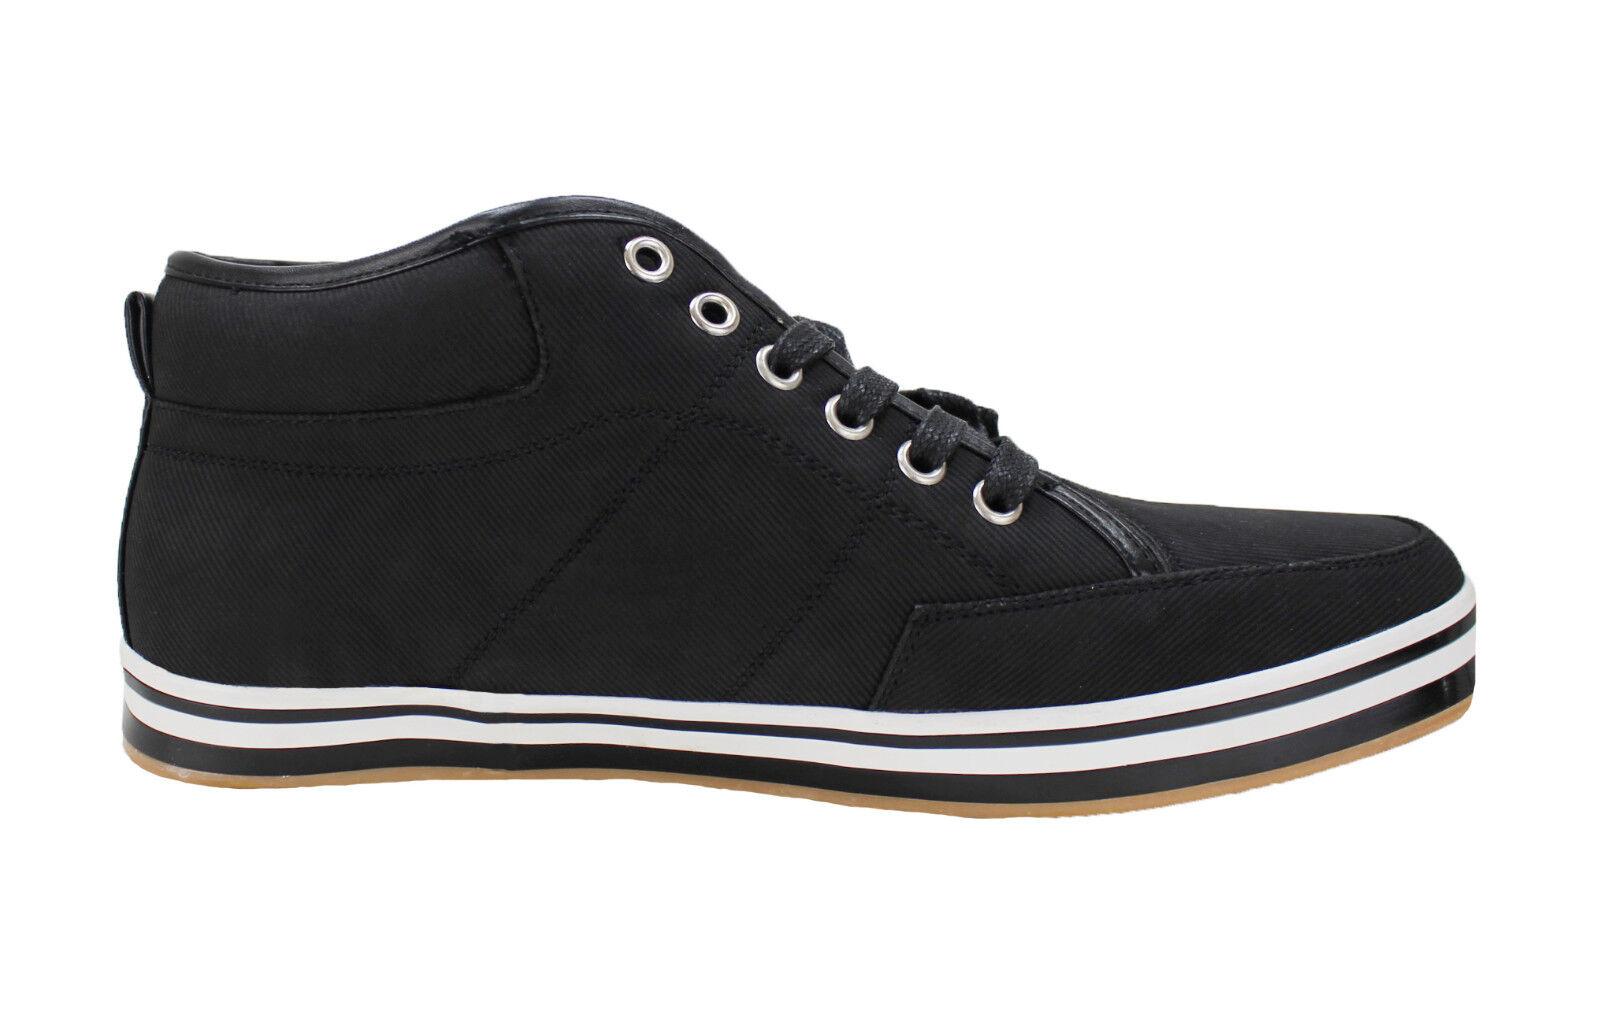 chaussures Diamant chaussures baskets homme noir man's chaussures Diamant casual sporting 41 à 44 d46d2e